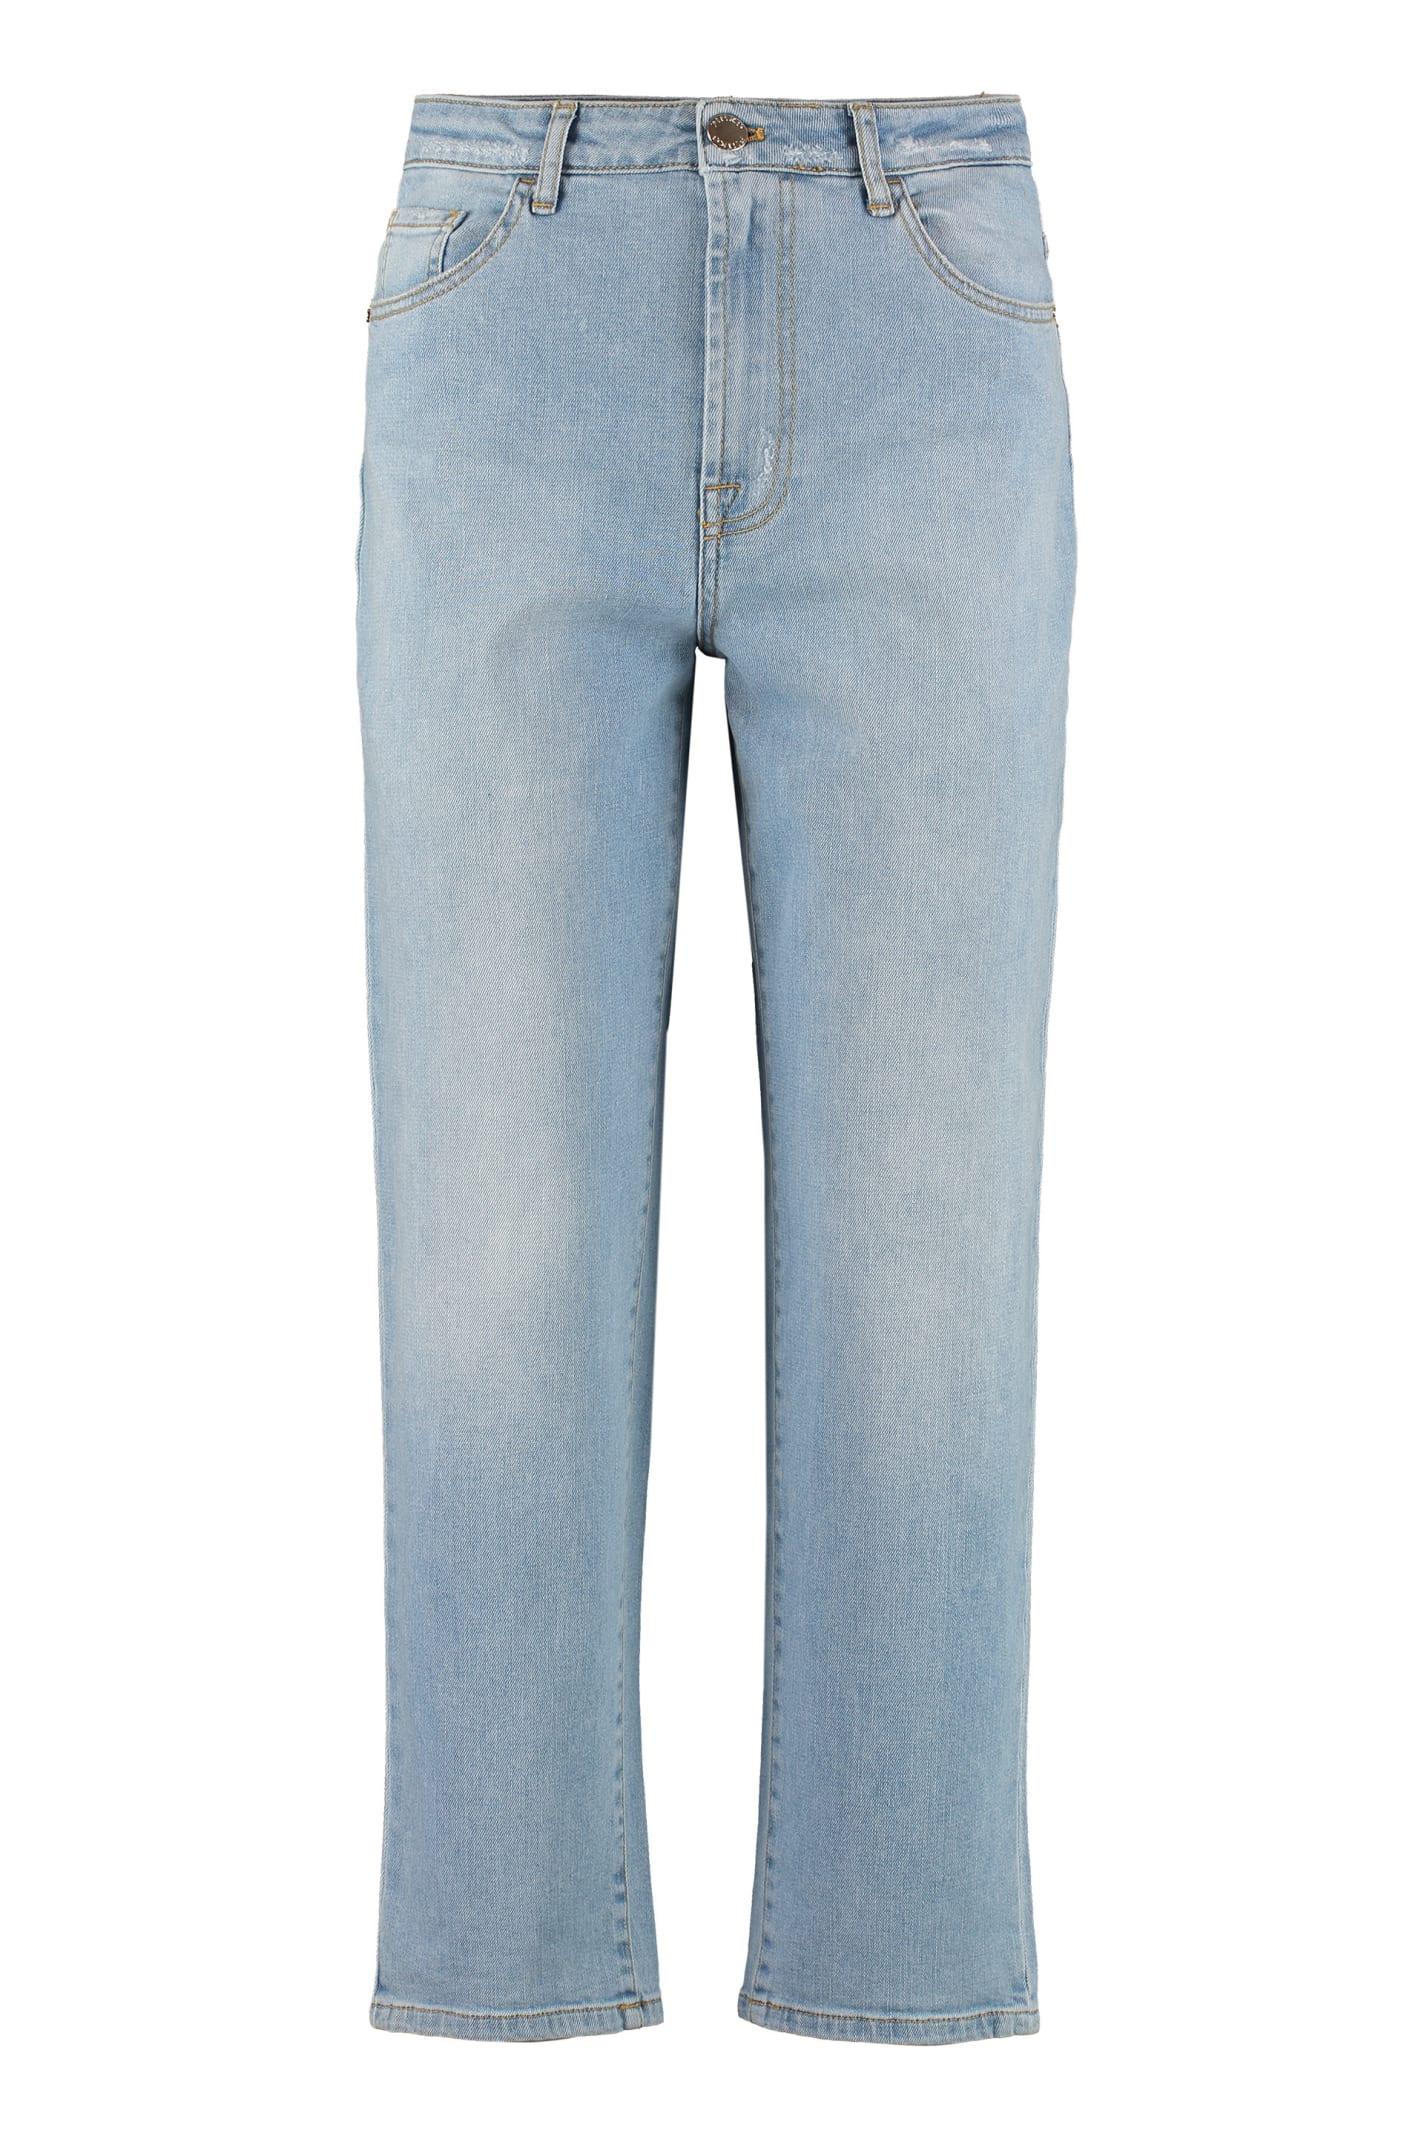 Pinko Maddie Boyfriend Jeans